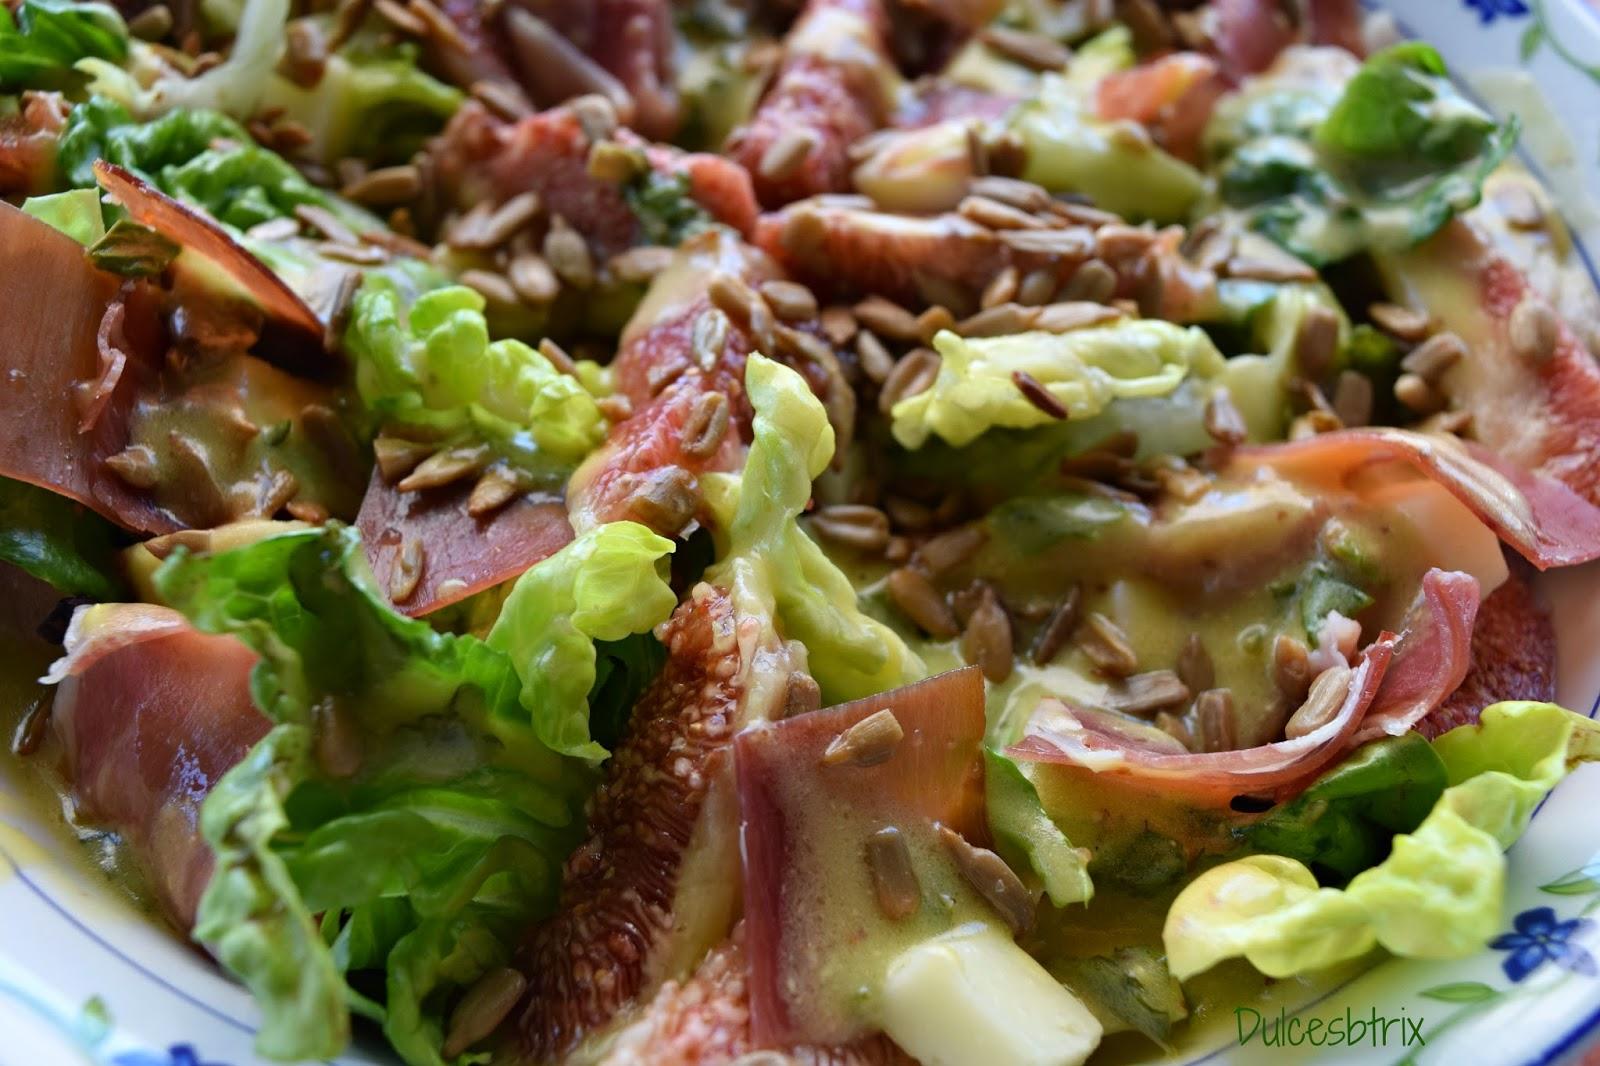 Dulcesbtrix-Ensalada Higos y jamón